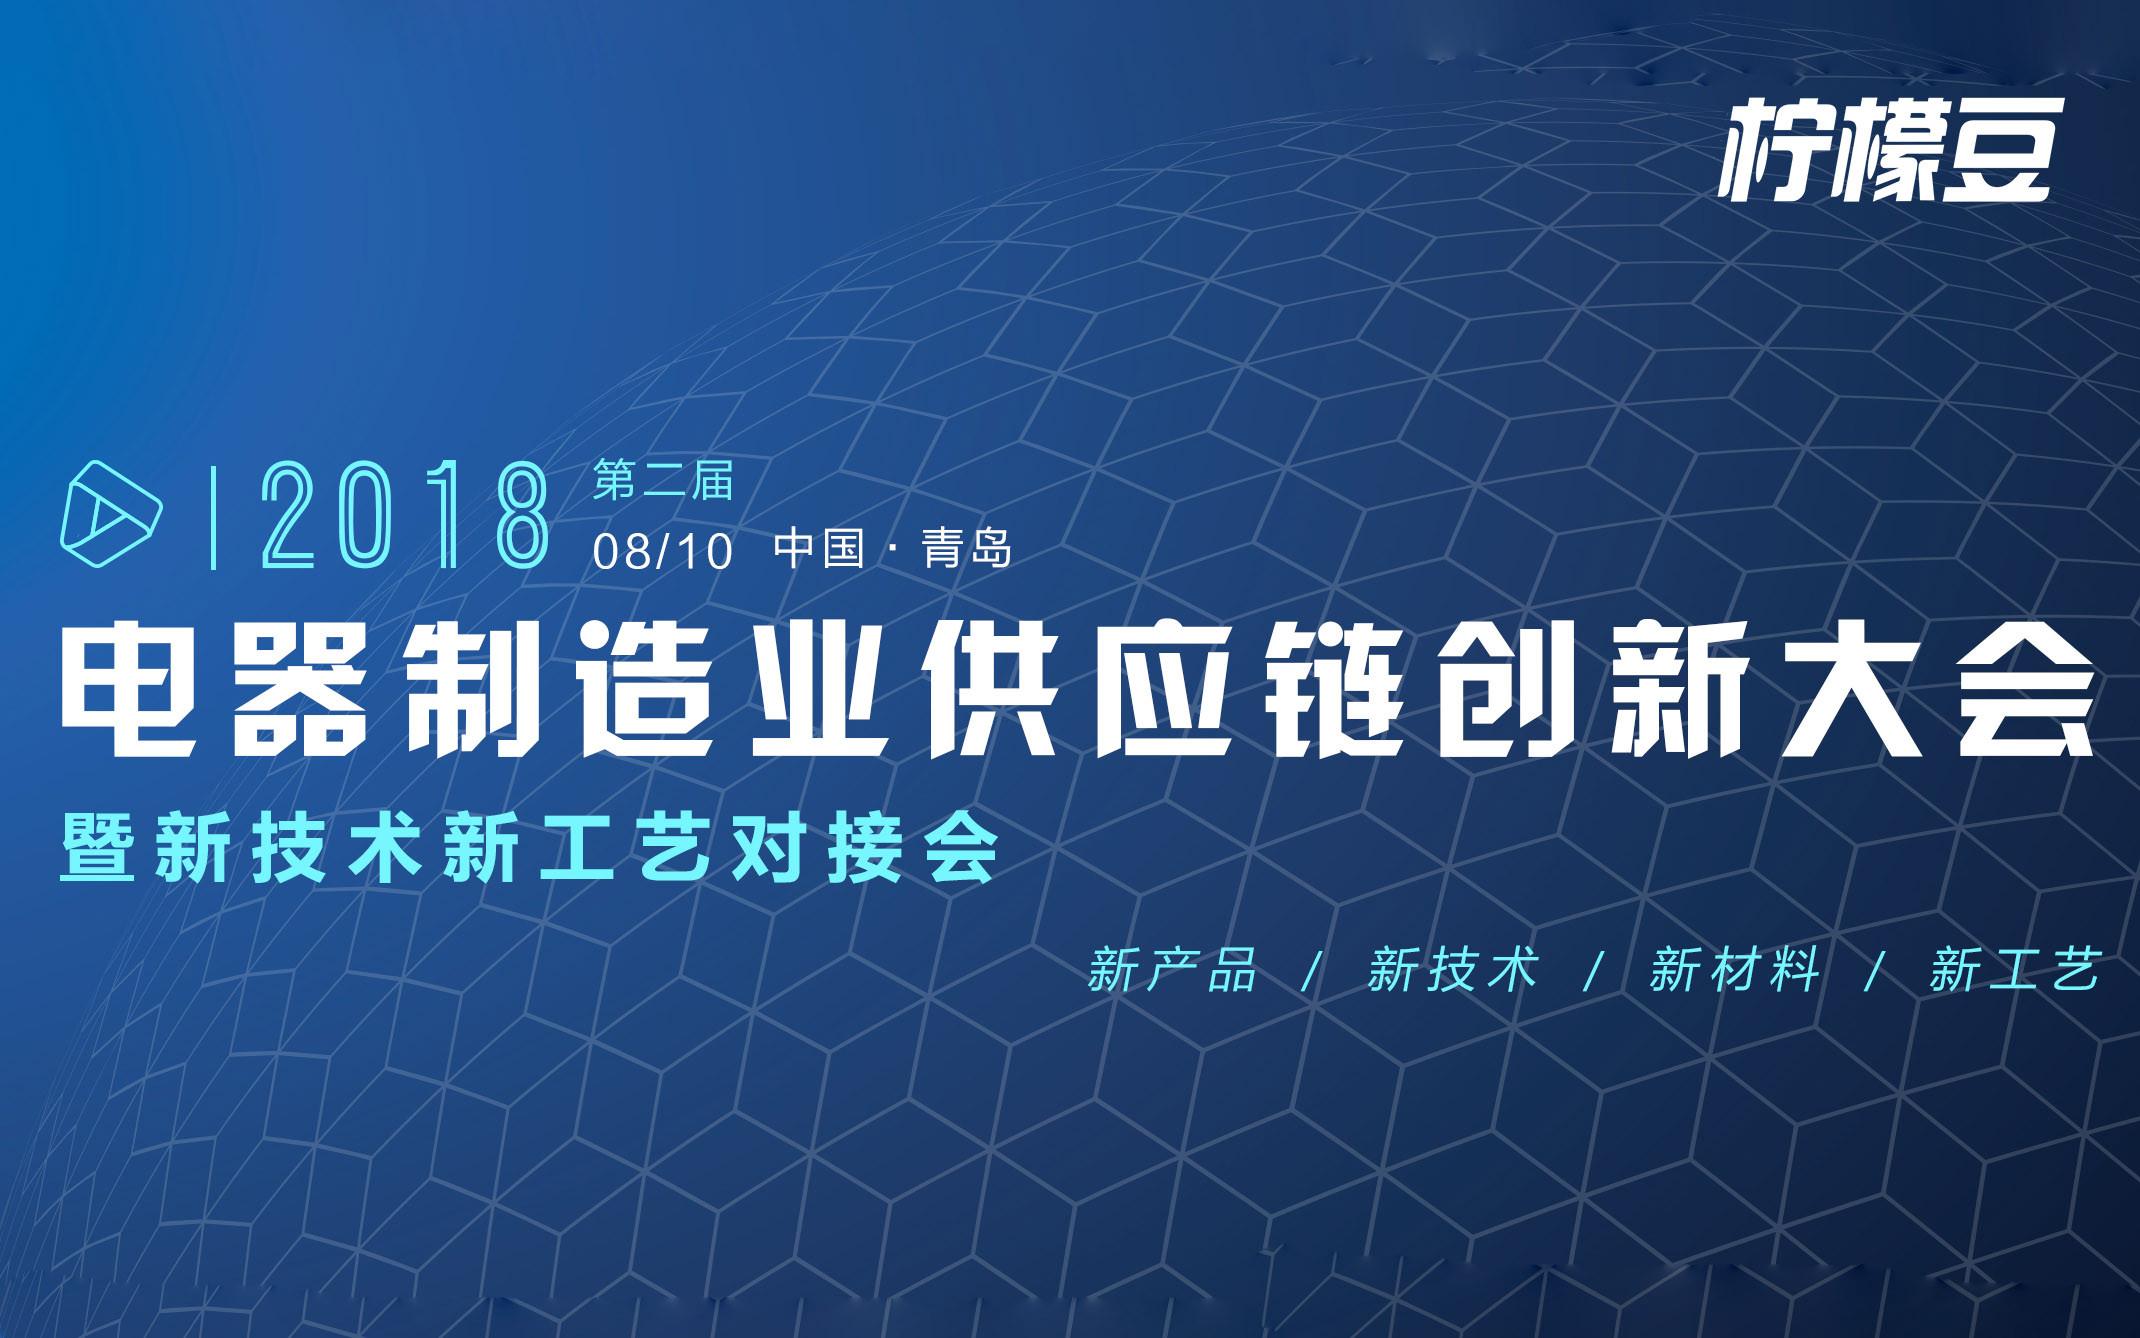 第二届电器制造业供应链创新大会暨新技术新工艺对接会2018